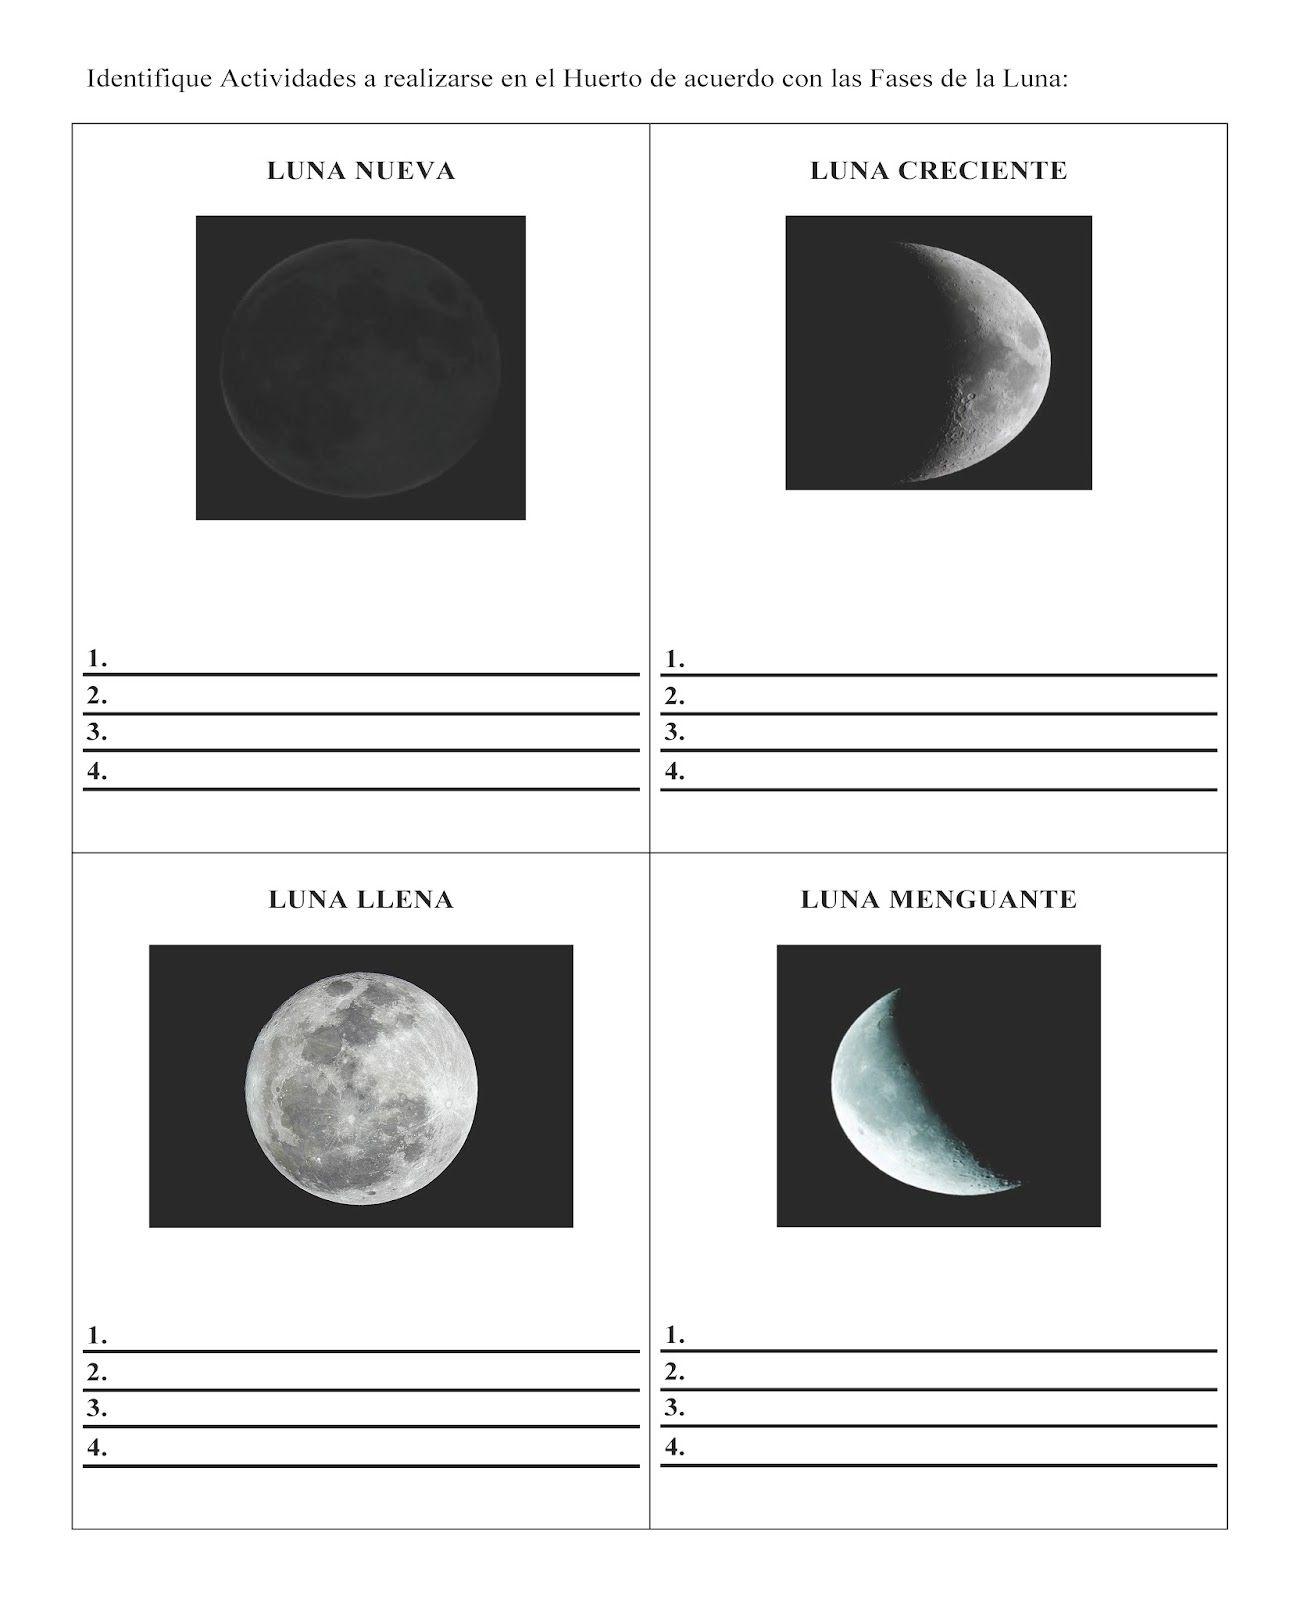 Agro Juvenil Las Fases De La Luna